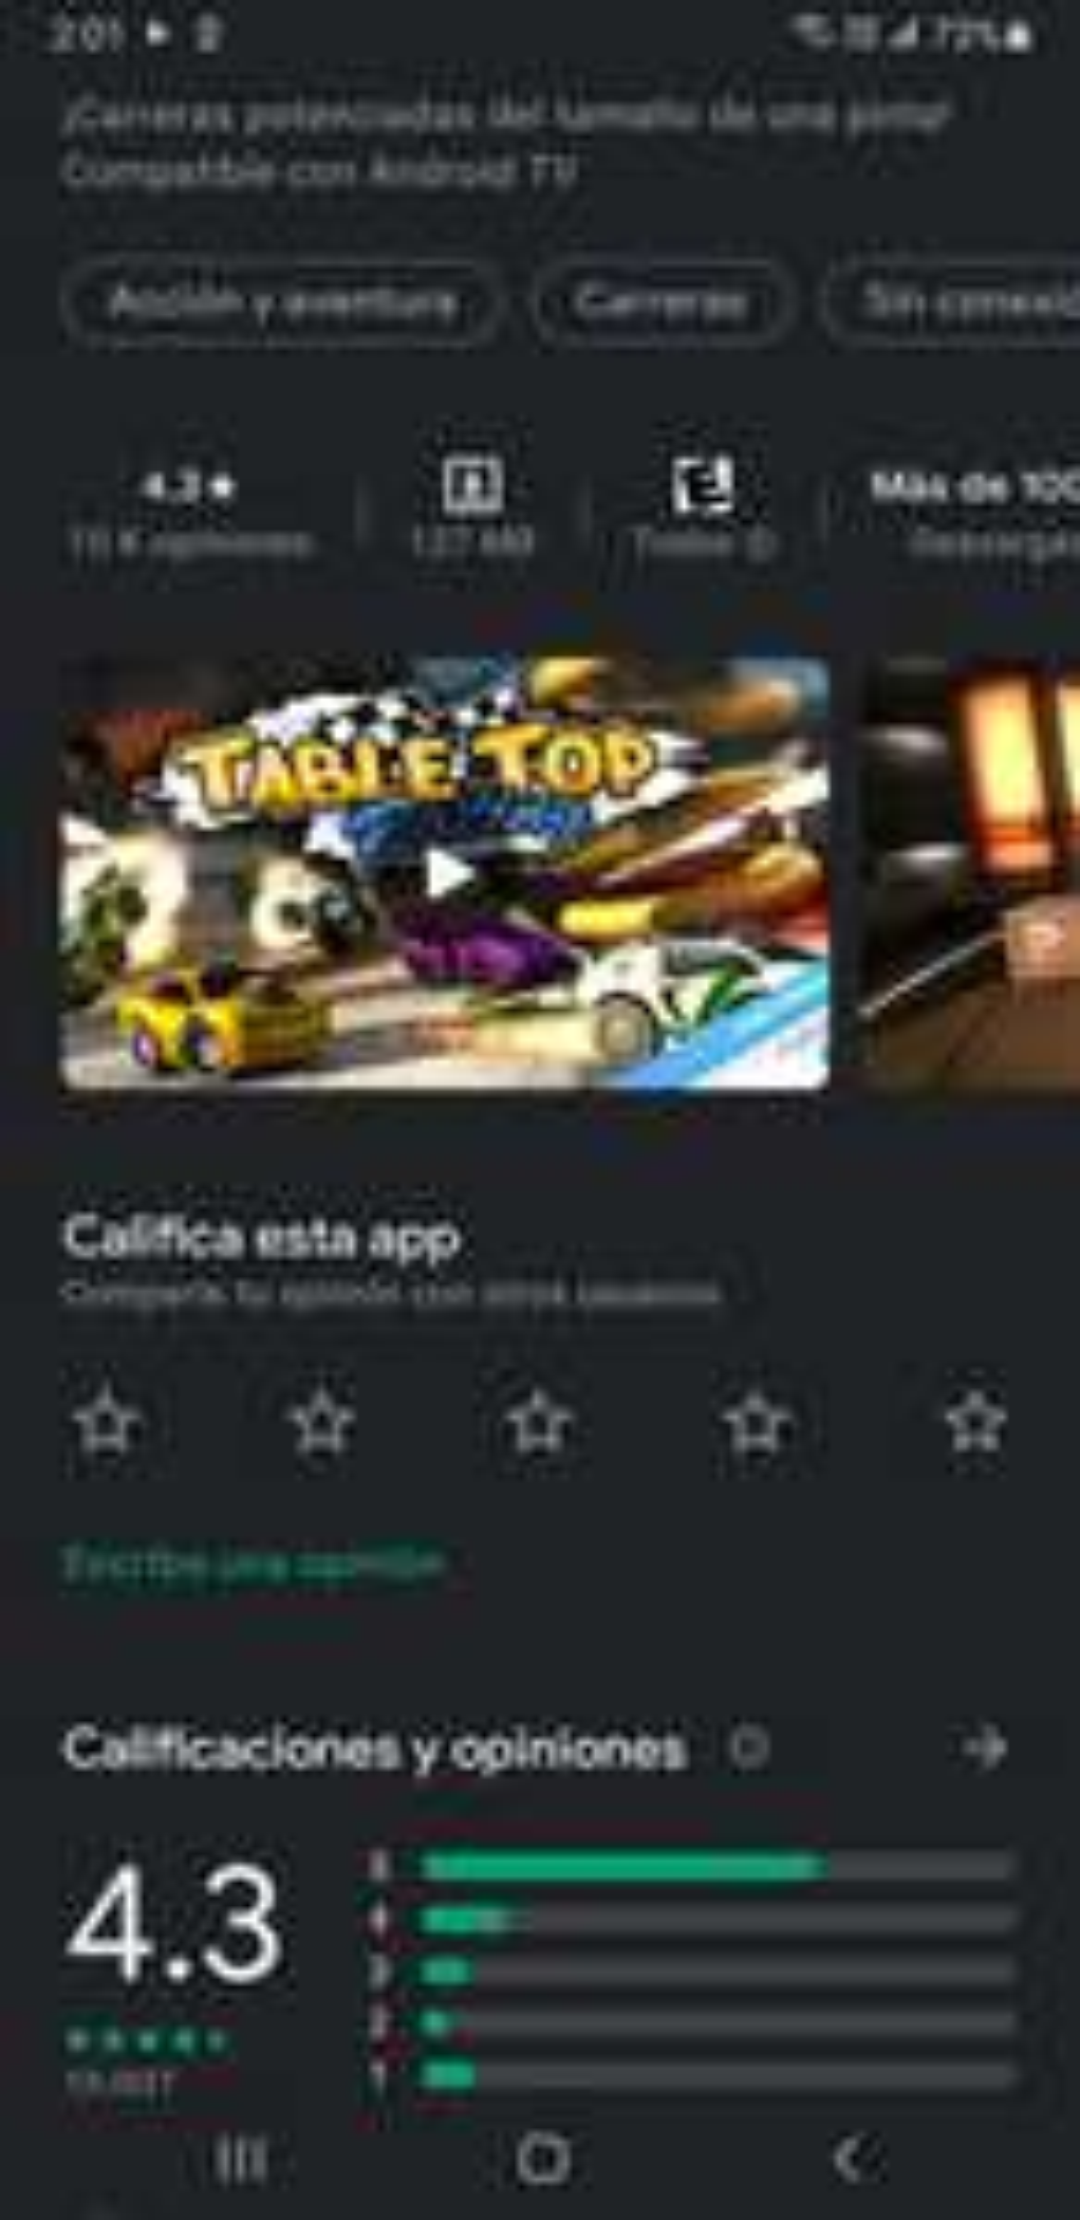 Google Play: Table top racing premium gratis